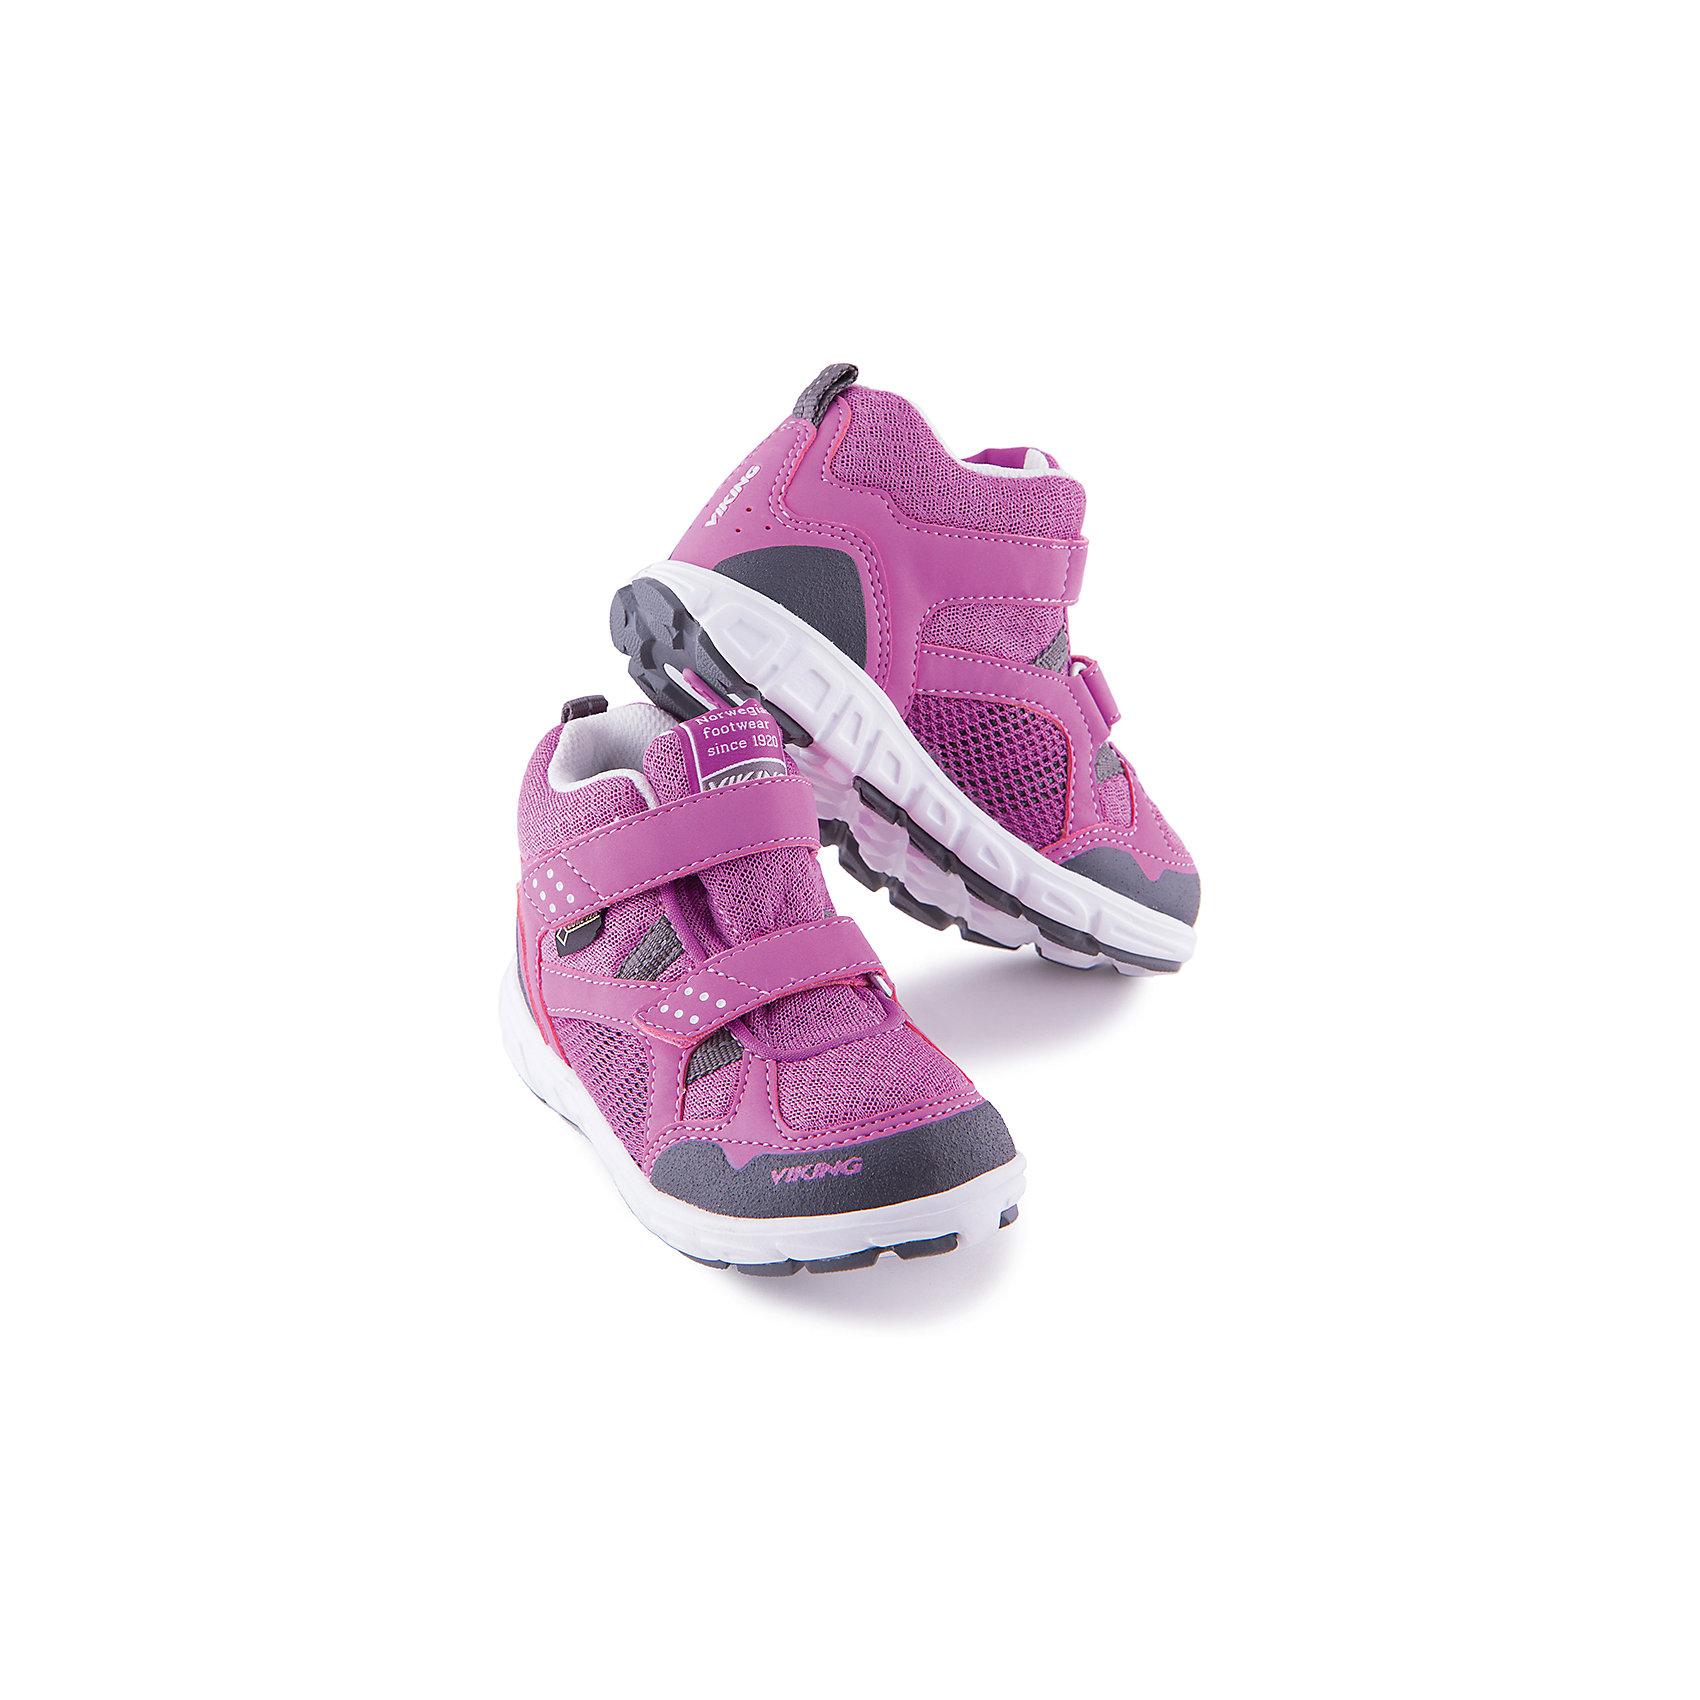 Кроссовки для девочки VIKINGКроссовки для девочки от марки VIKING - прекрасный вариант для повседневной носки или же активного отдыха. Модель на липучке имеет рифленую подошву, нос и задник из влагоустойчивого материала и тканевые вставки для вентиляции ноги. Кроссовки яркой расцветки изготовлены из высококачественных материалов, очень удобные и практичные. <br><br>Дополнительная информация:<br><br>- Тип застежки: липучка. <br>- Декоративные элементы: логотип бренда.<br>- Стирка: щадящий режим, 30 ?. <br>Параметры для размера 20<br>-Толщина подошвы: 1,4 см.<br>- Высота каблука: 2 см.<br>Состав:<br>текстиль, искусственная кожа, этиленвинилацетат, натуральная резина<br><br>Кроссовки для девочки VIKING (Викинг) можно купить в нашем магазине.<br><br>Ширина мм: 262<br>Глубина мм: 176<br>Высота мм: 97<br>Вес г: 427<br>Цвет: фиолетовый<br>Возраст от месяцев: 9<br>Возраст до месяцев: 12<br>Пол: Женский<br>Возраст: Детский<br>Размер: 20,26,25,23,21,27,28,30,31,32,35,22,34,33,29,24<br>SKU: 4233256